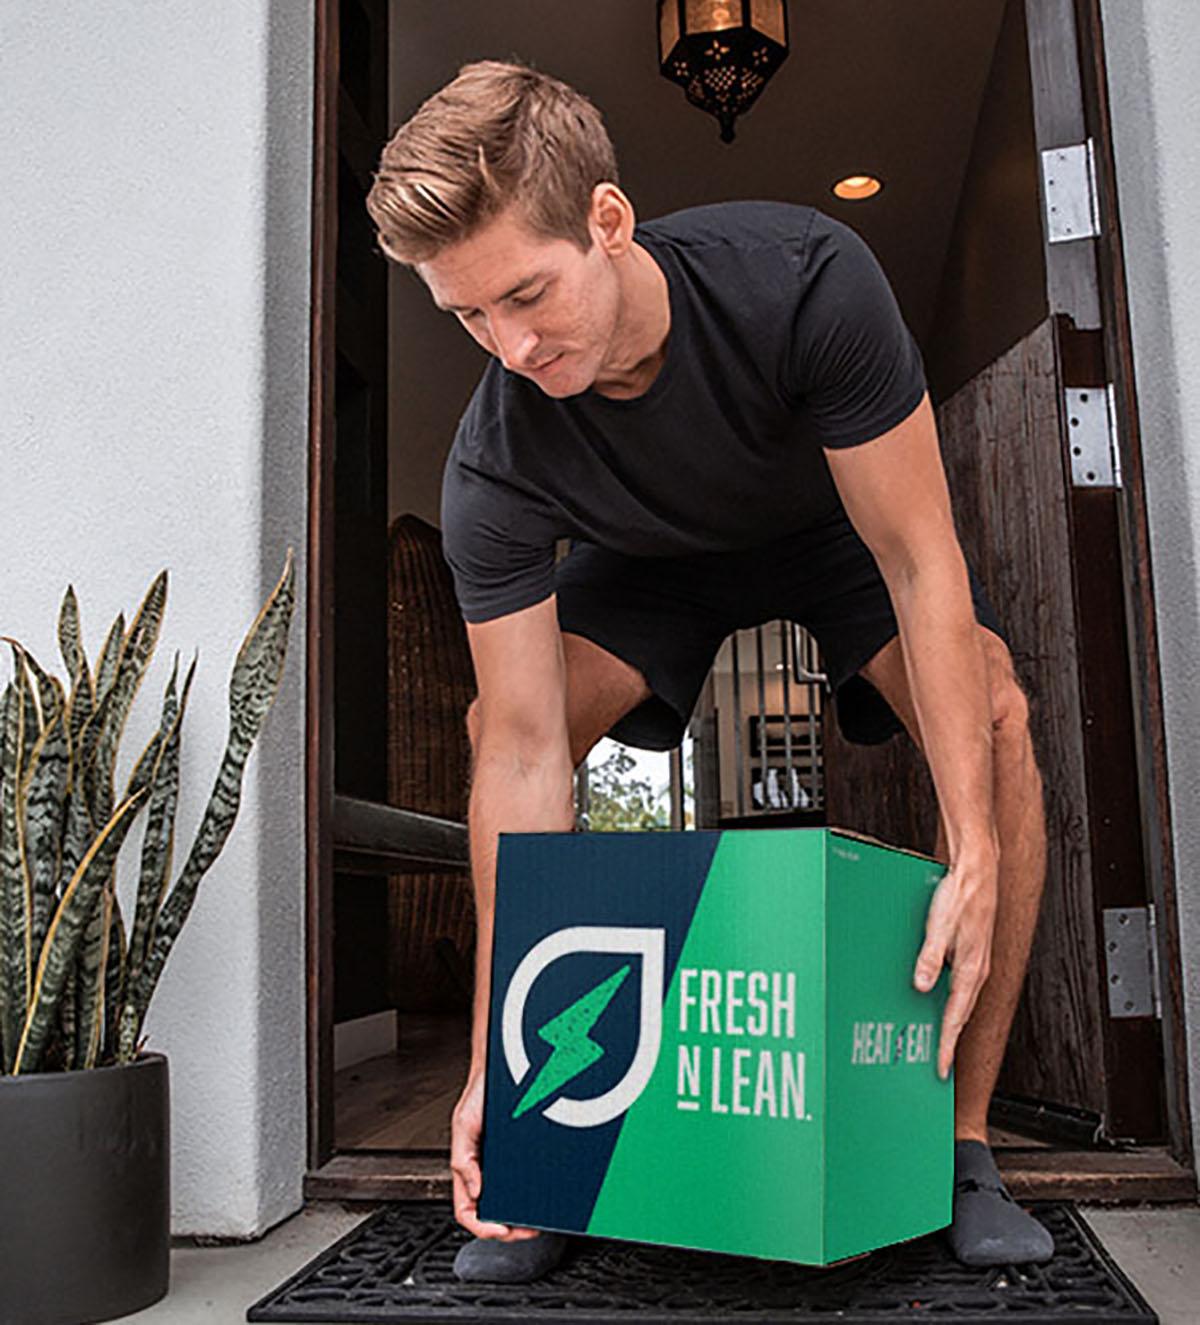 Fresh n Lean meal box